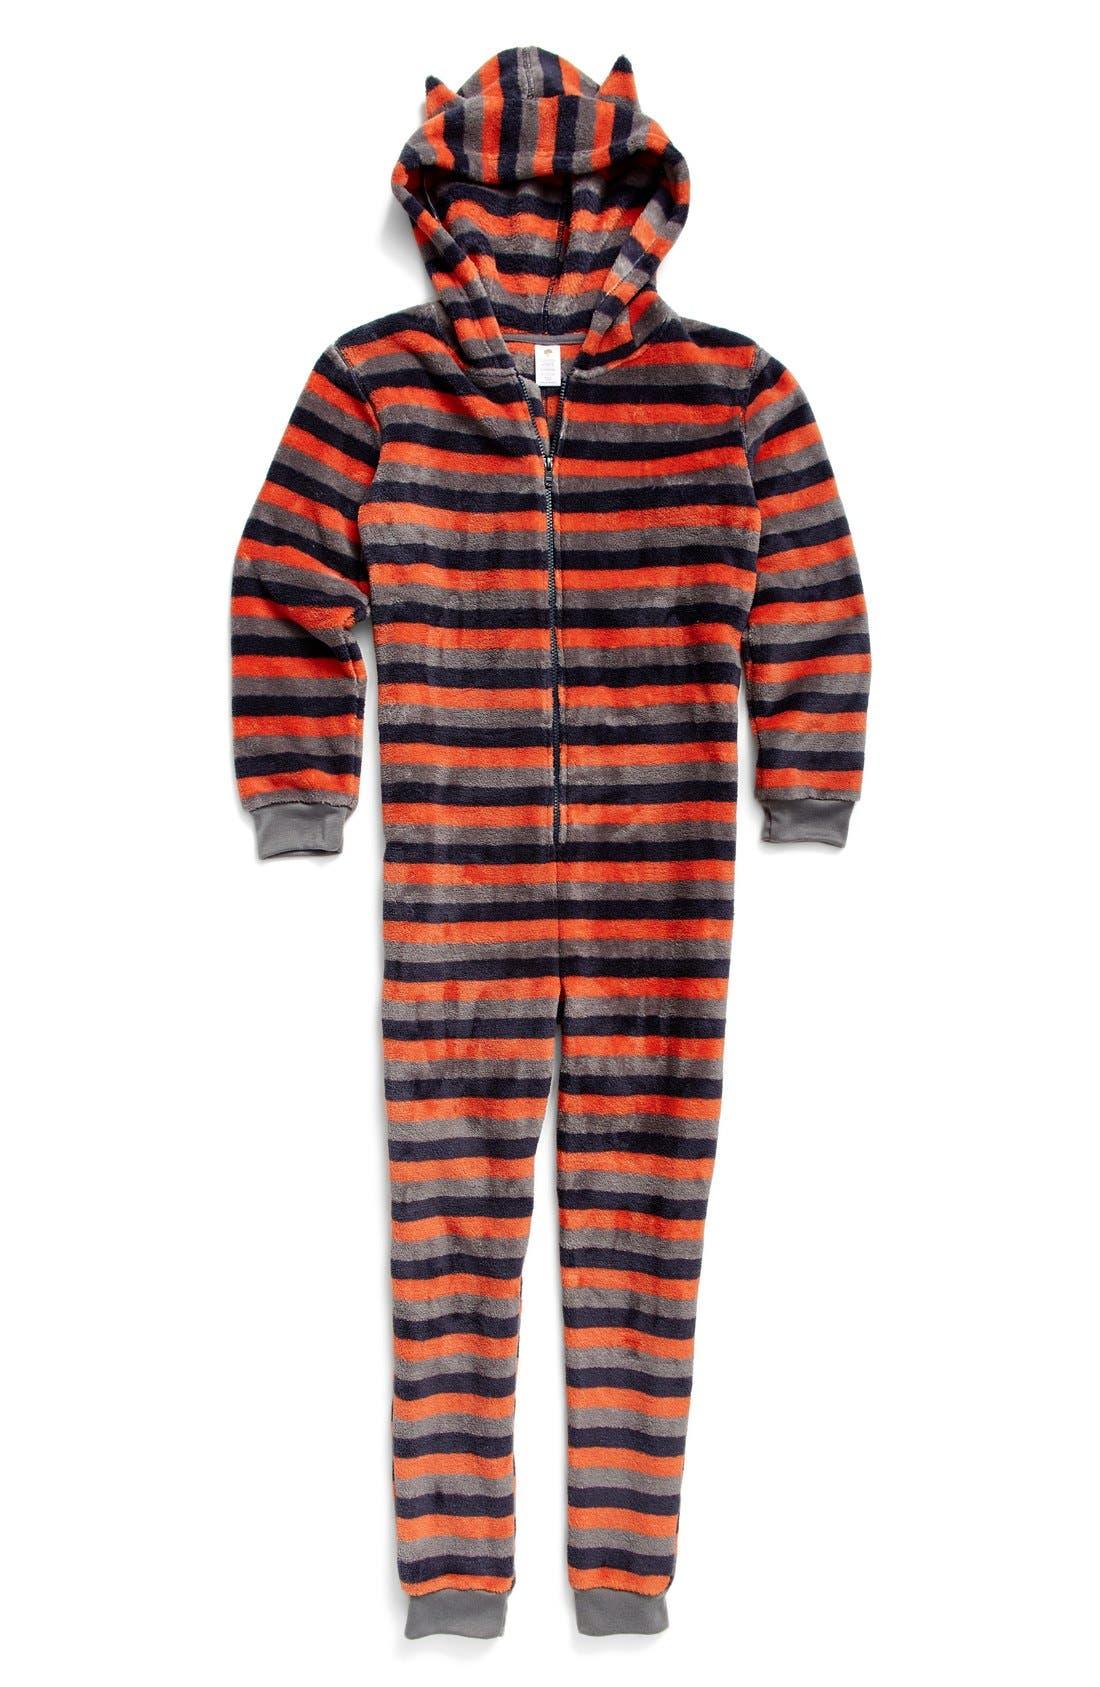 Print Fleece One-Piece Pajamas,                         Main,                         color, Orange Chili- Navy Stripe